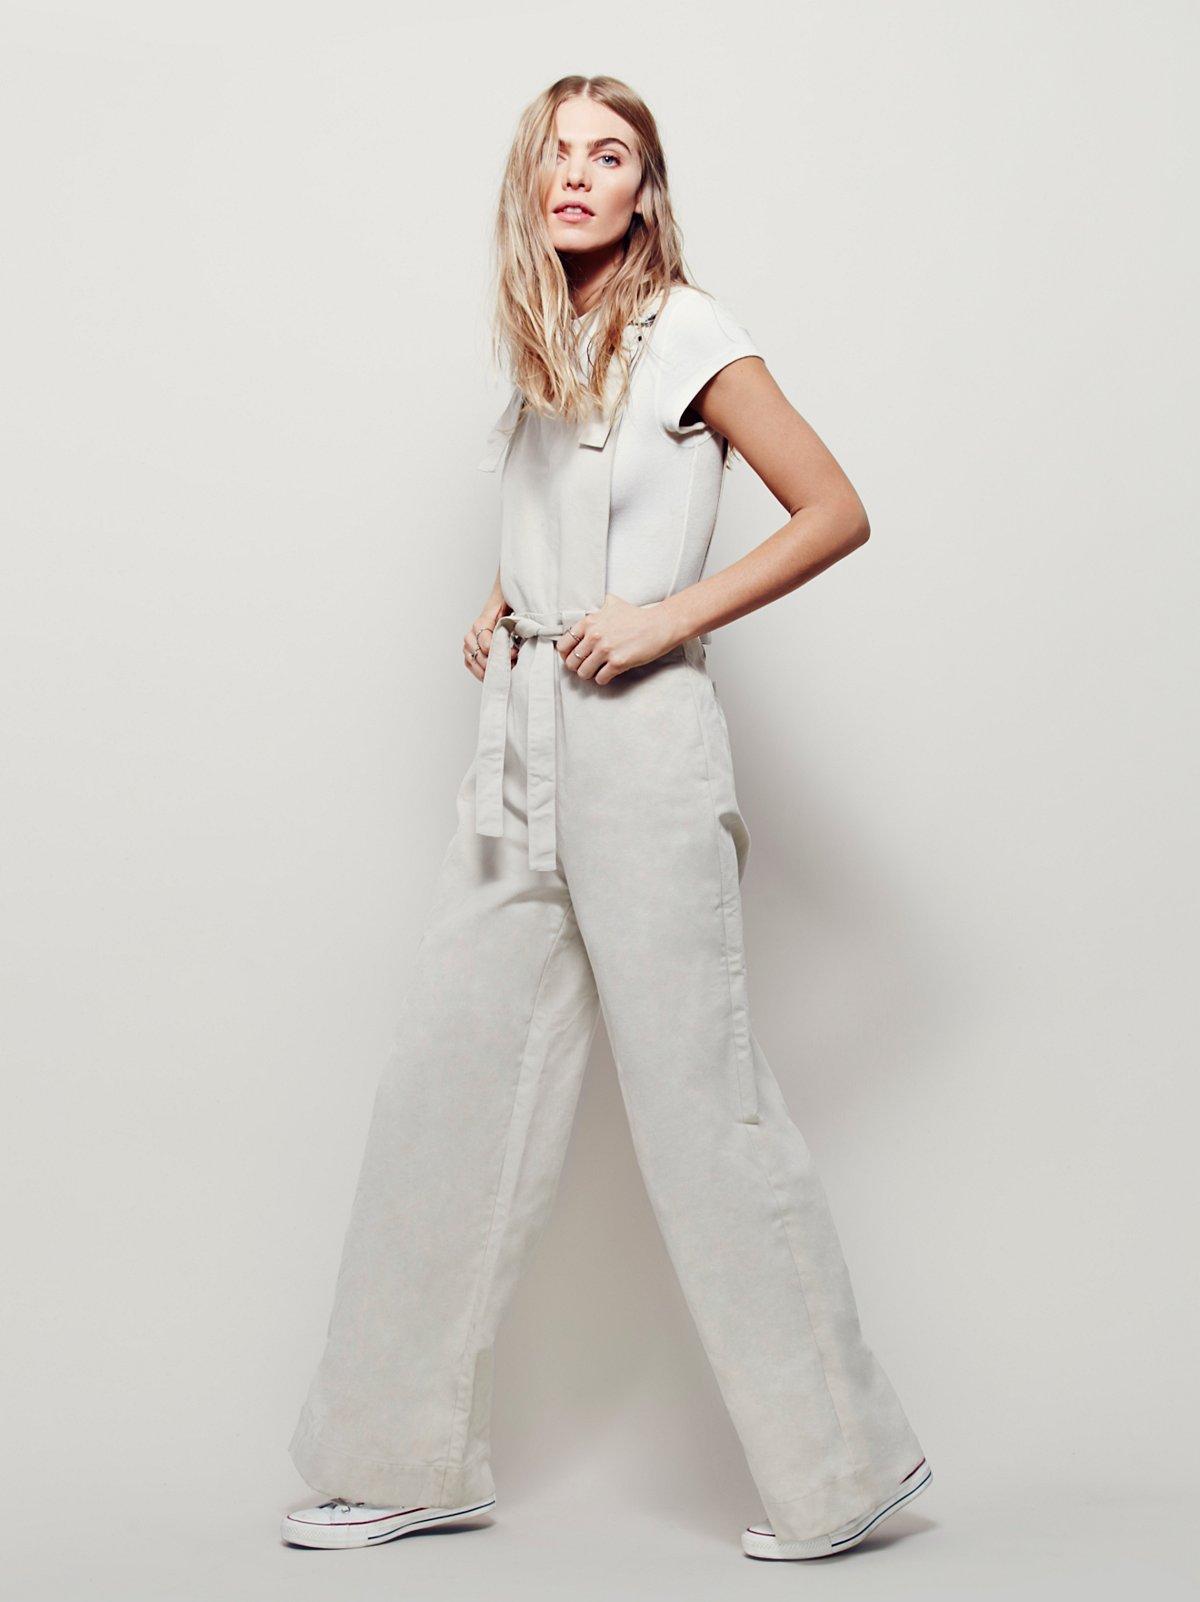 70年代风格背带裤